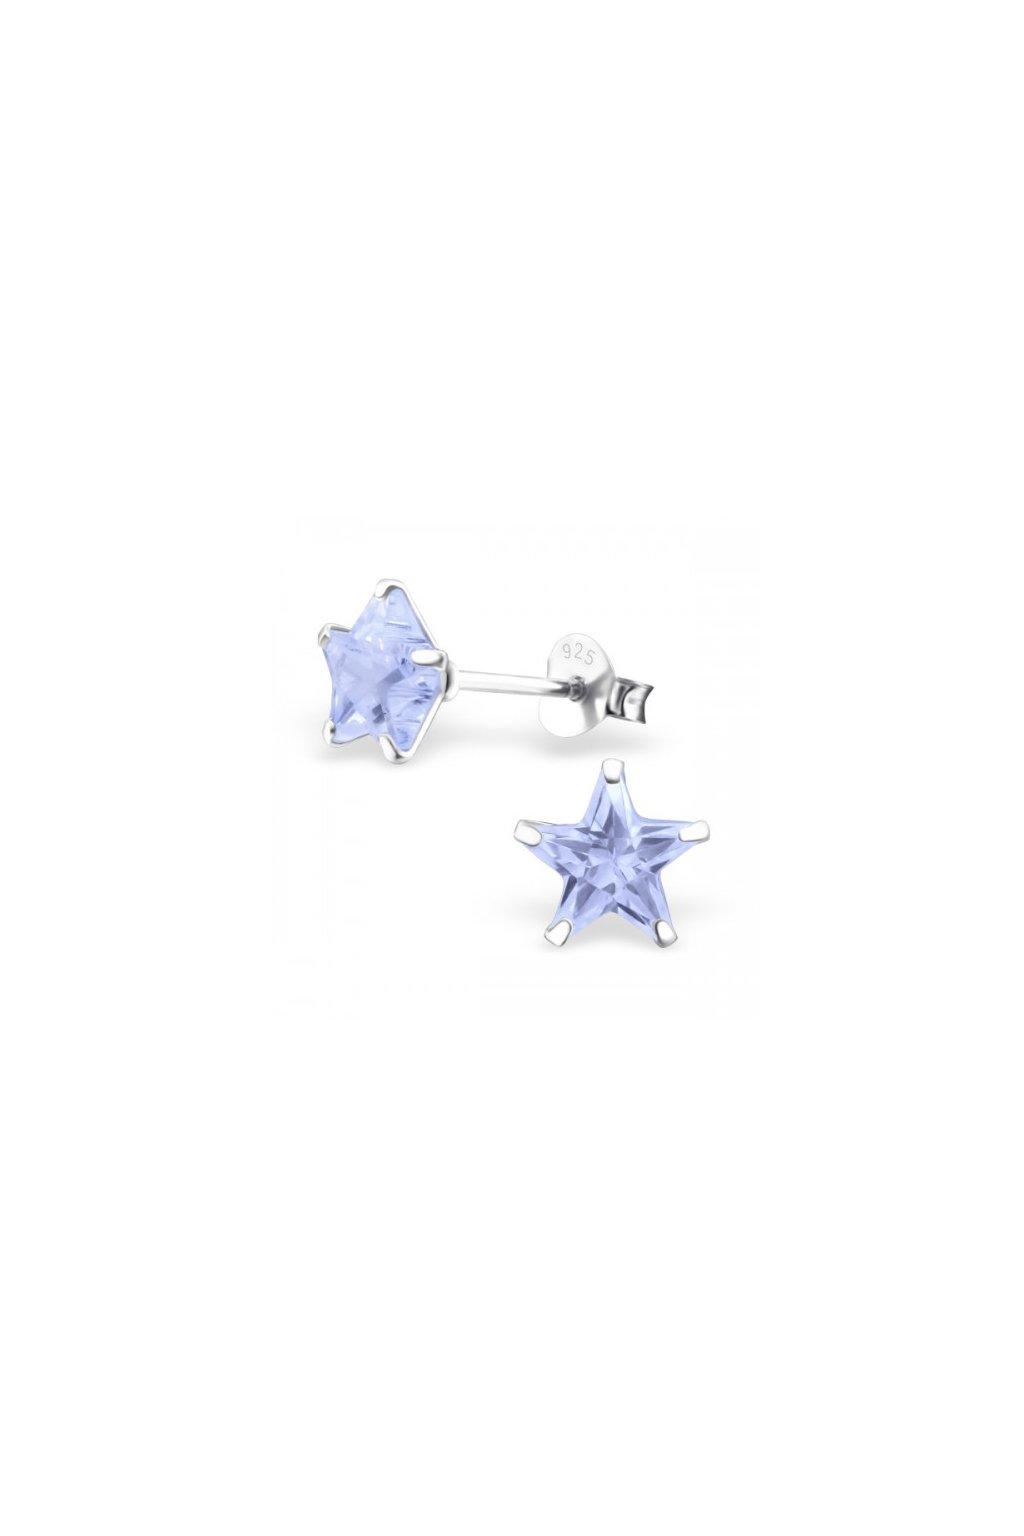 Strieborné náušnice hviezdy - 925 cz kryštál levander MS9527